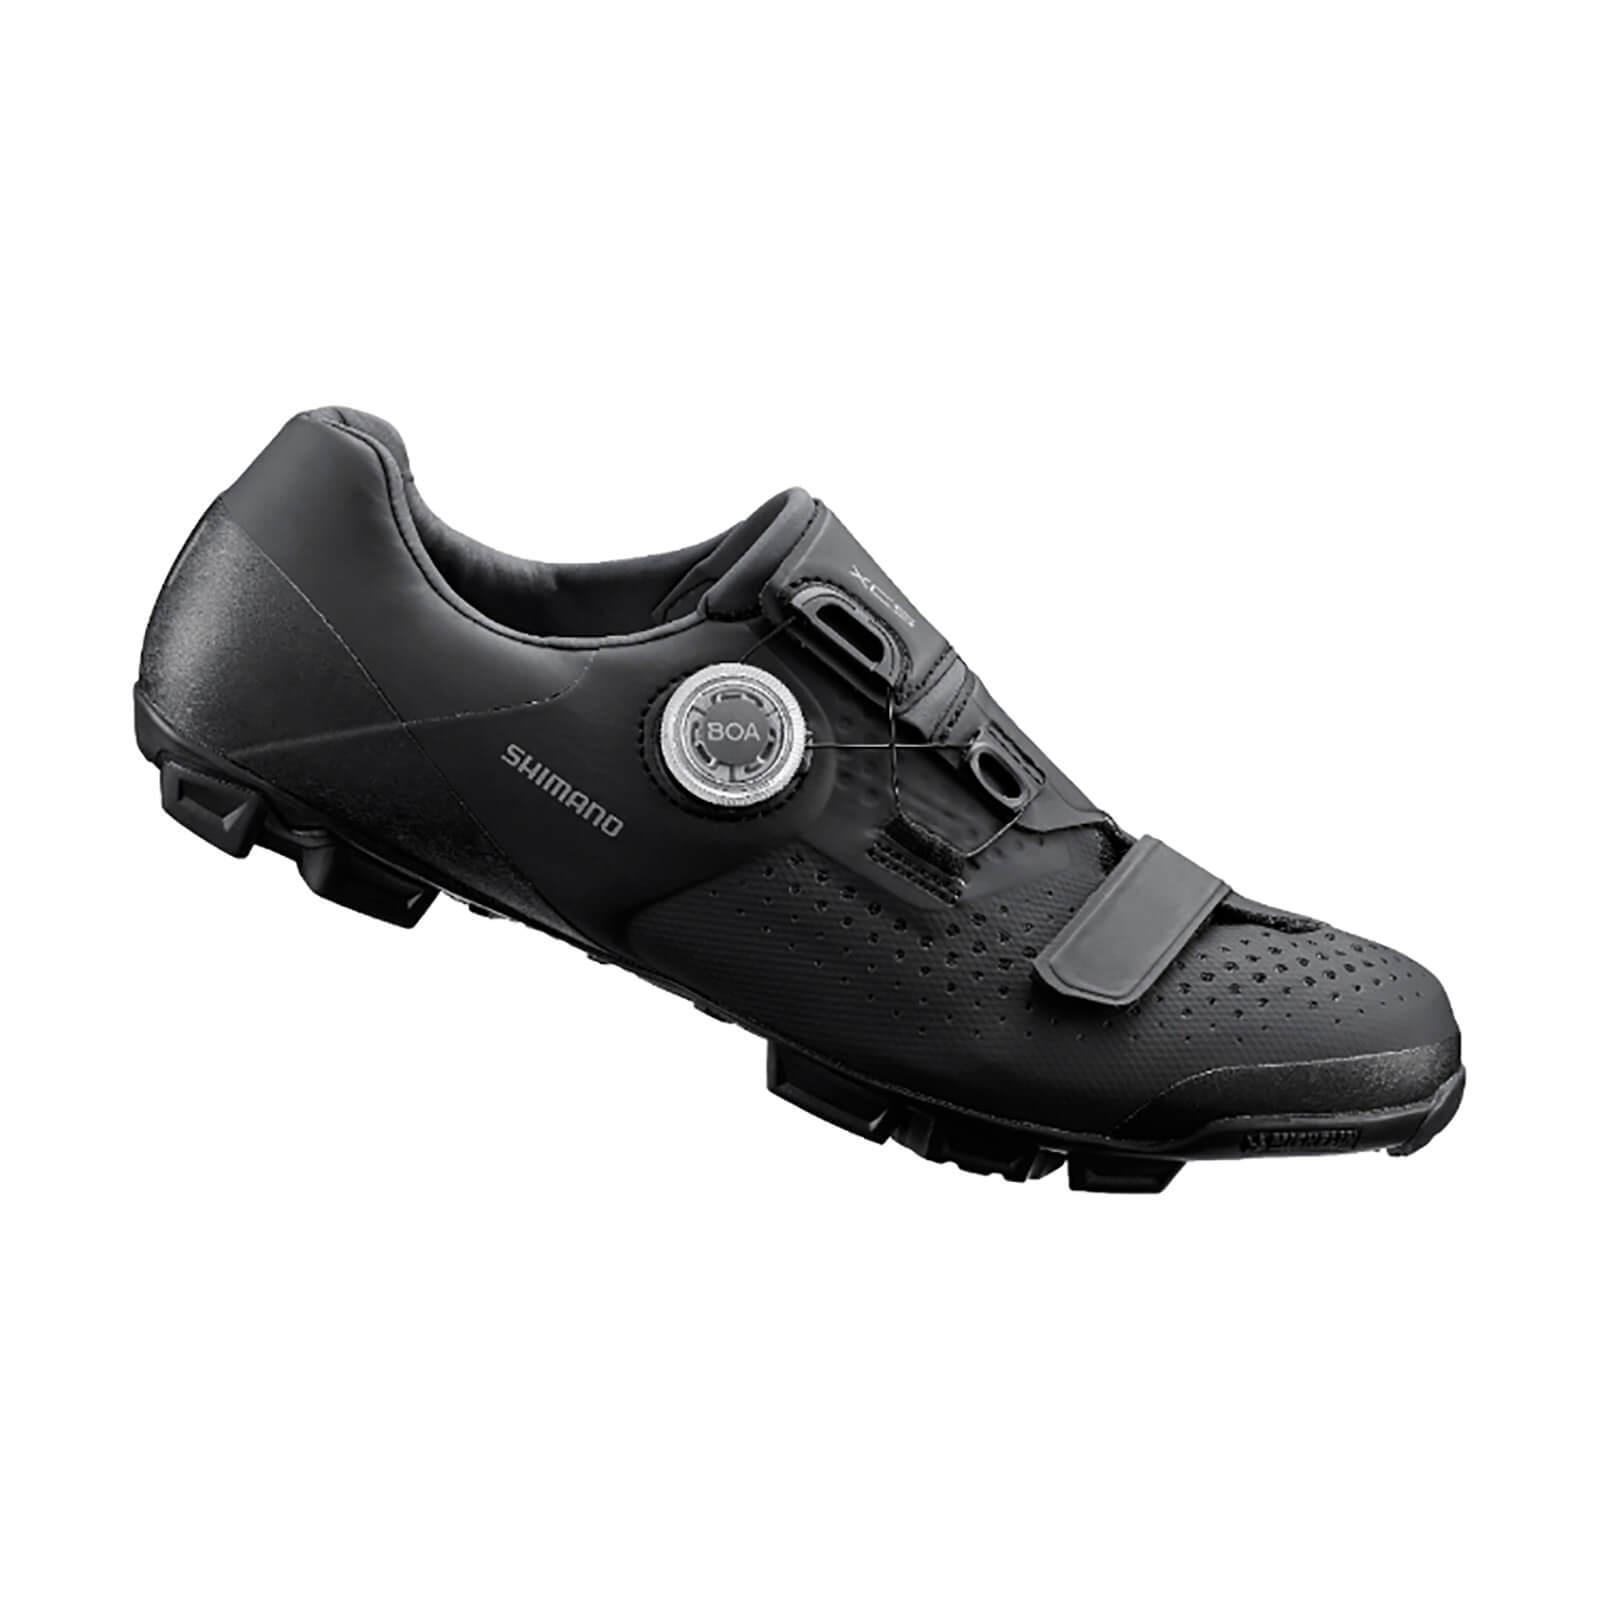 Shimano SH-XC501 MTB Shoes - EU 41